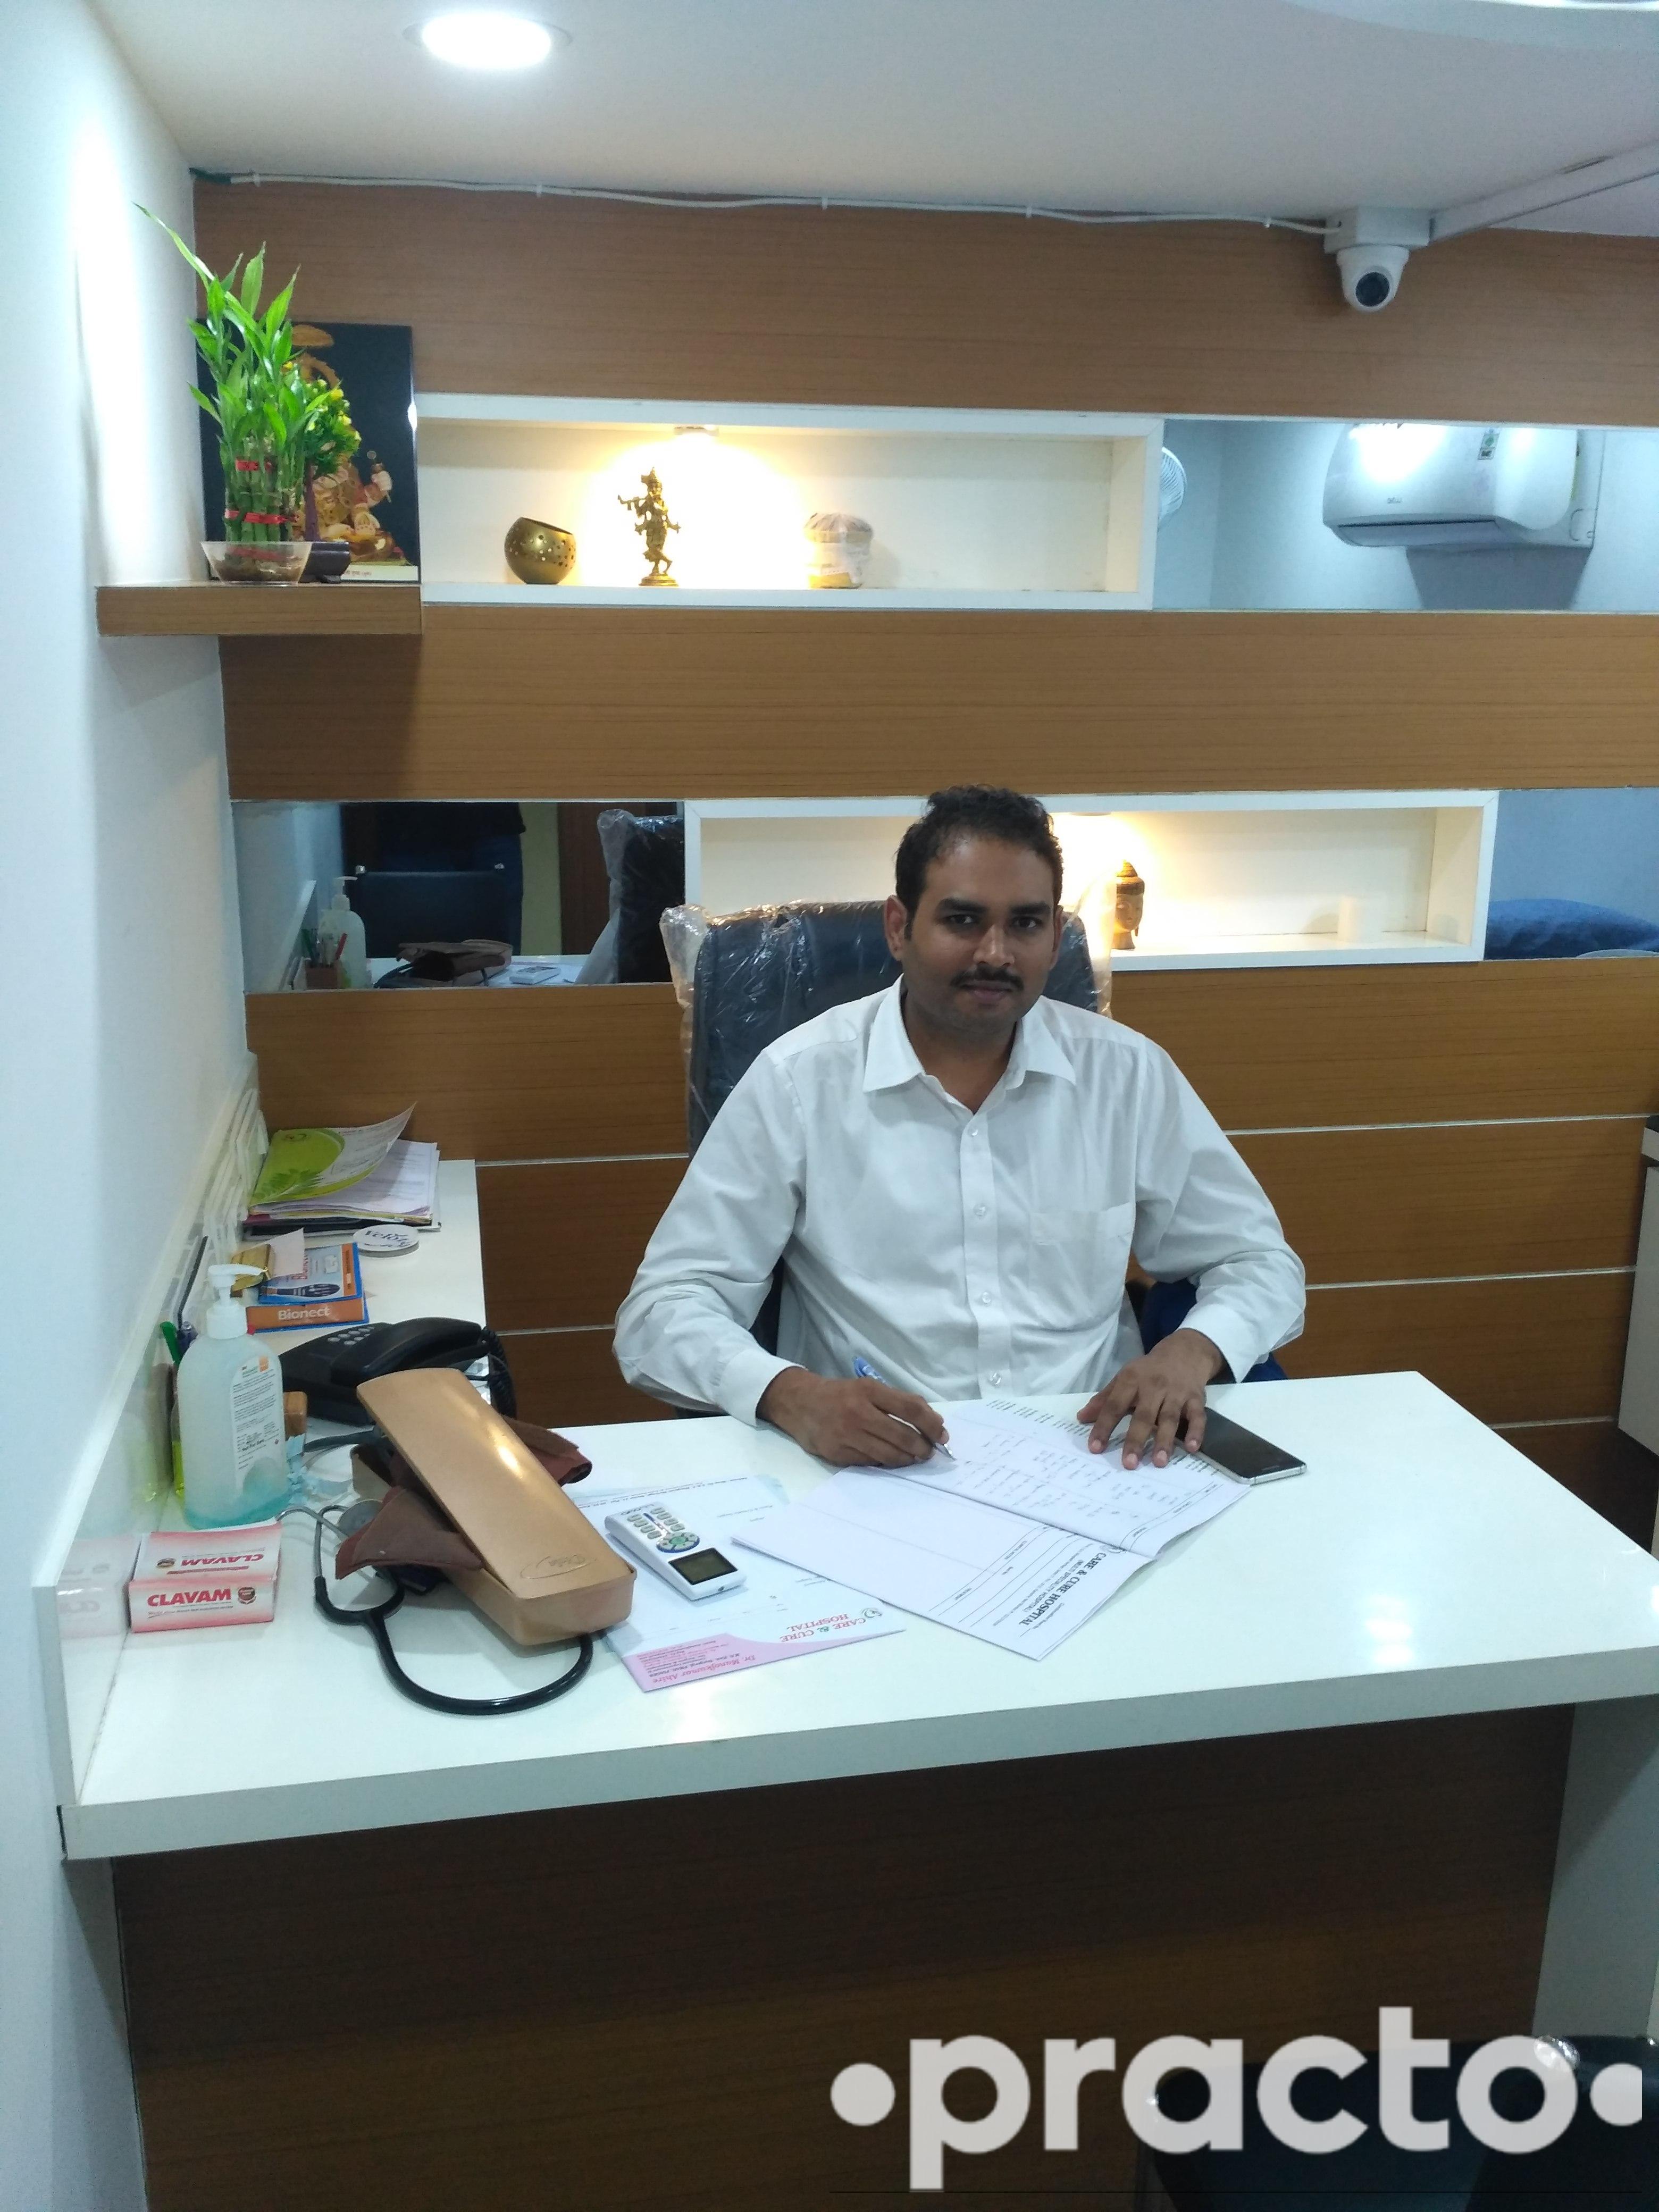 Dr. Manojkumar Ahire